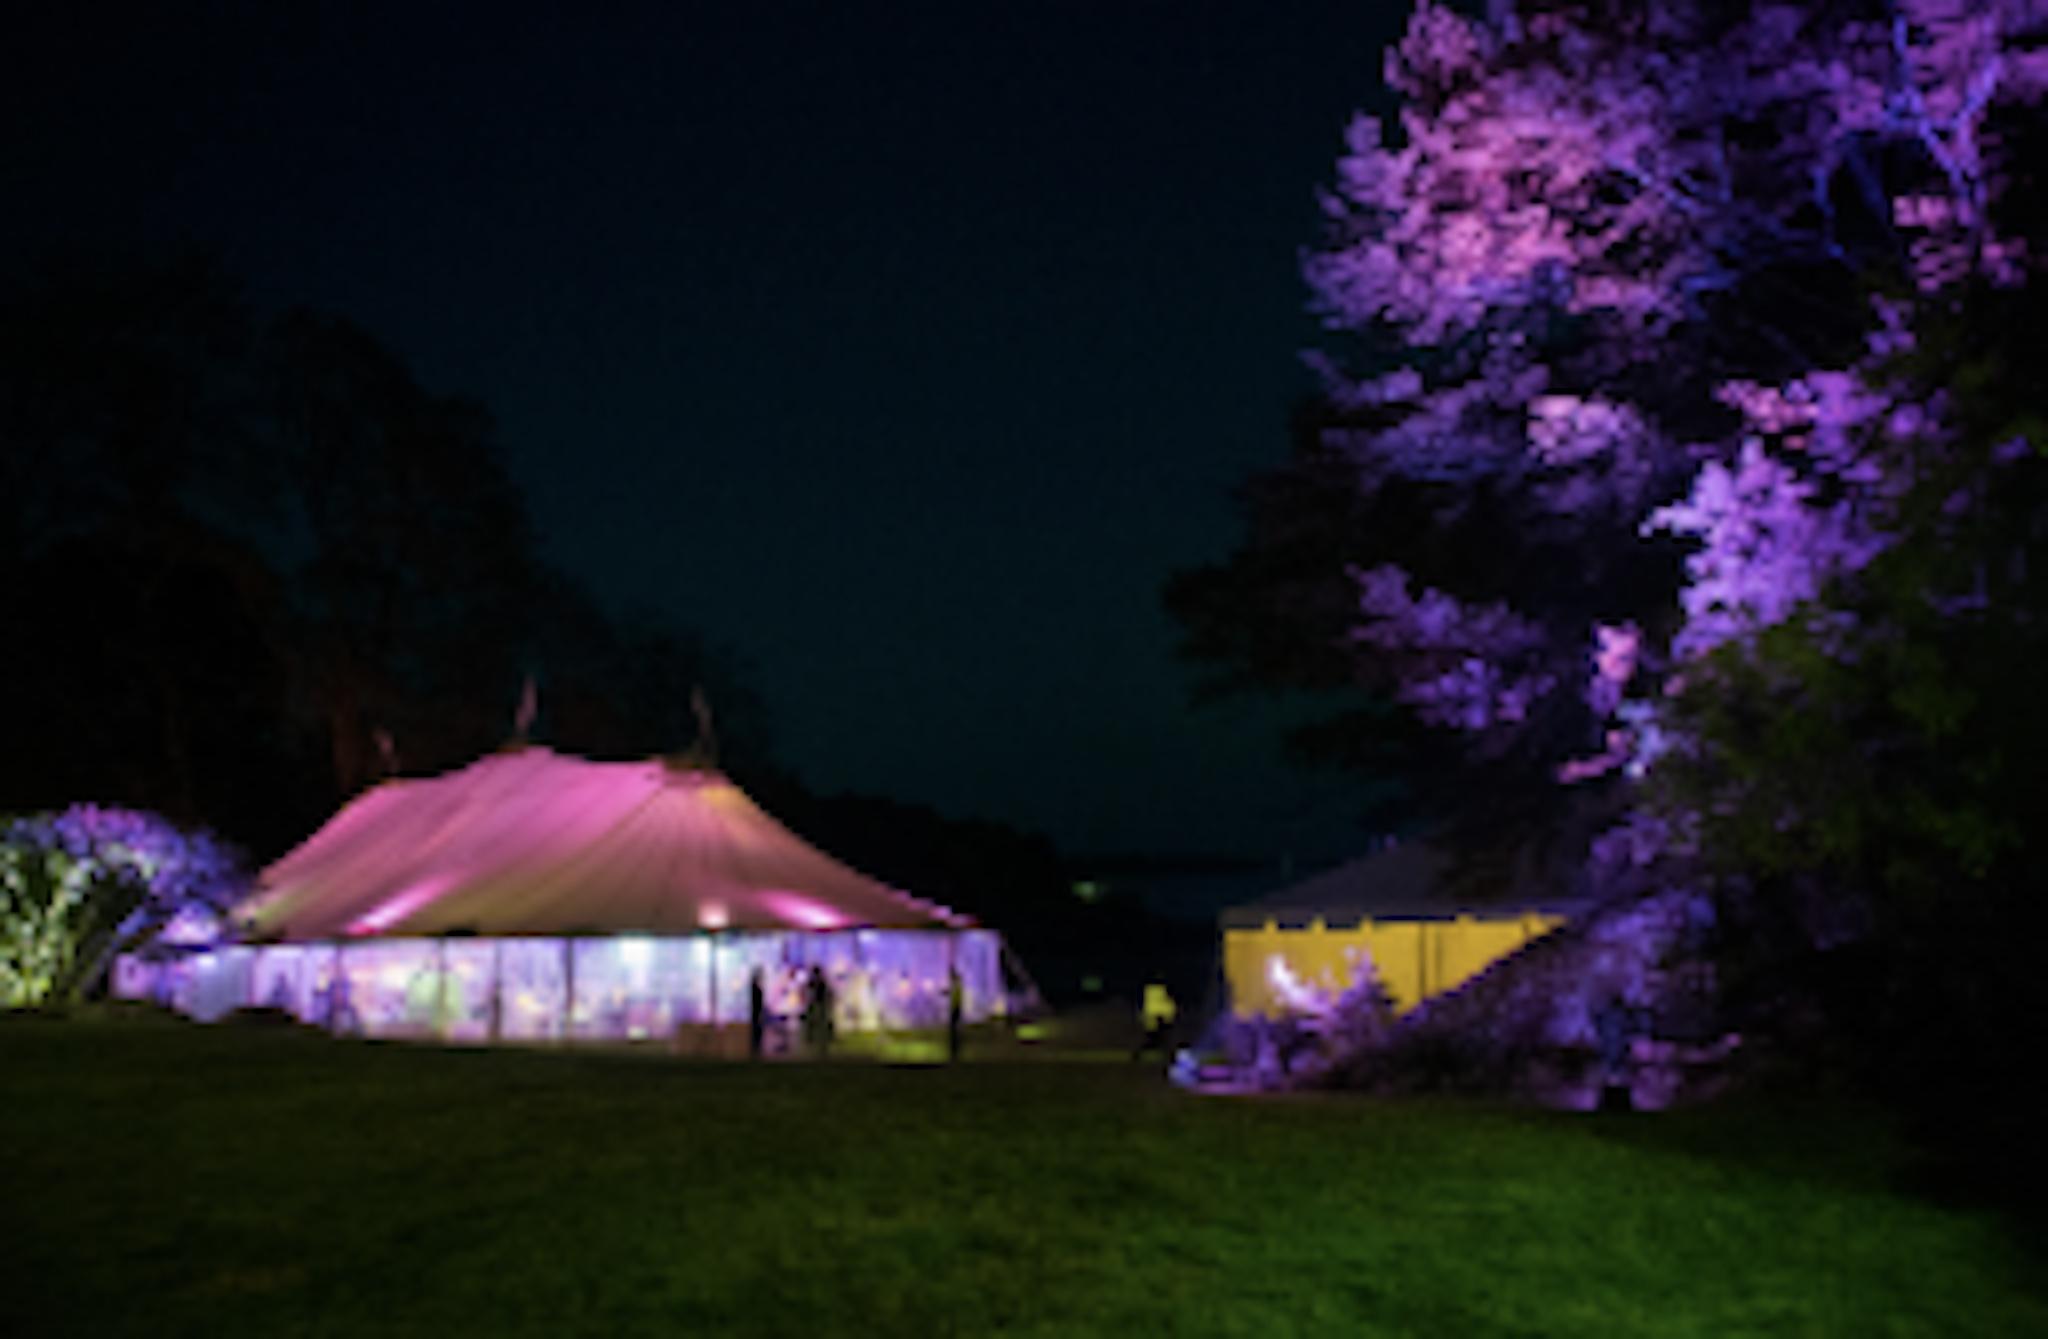 purple lit up tent